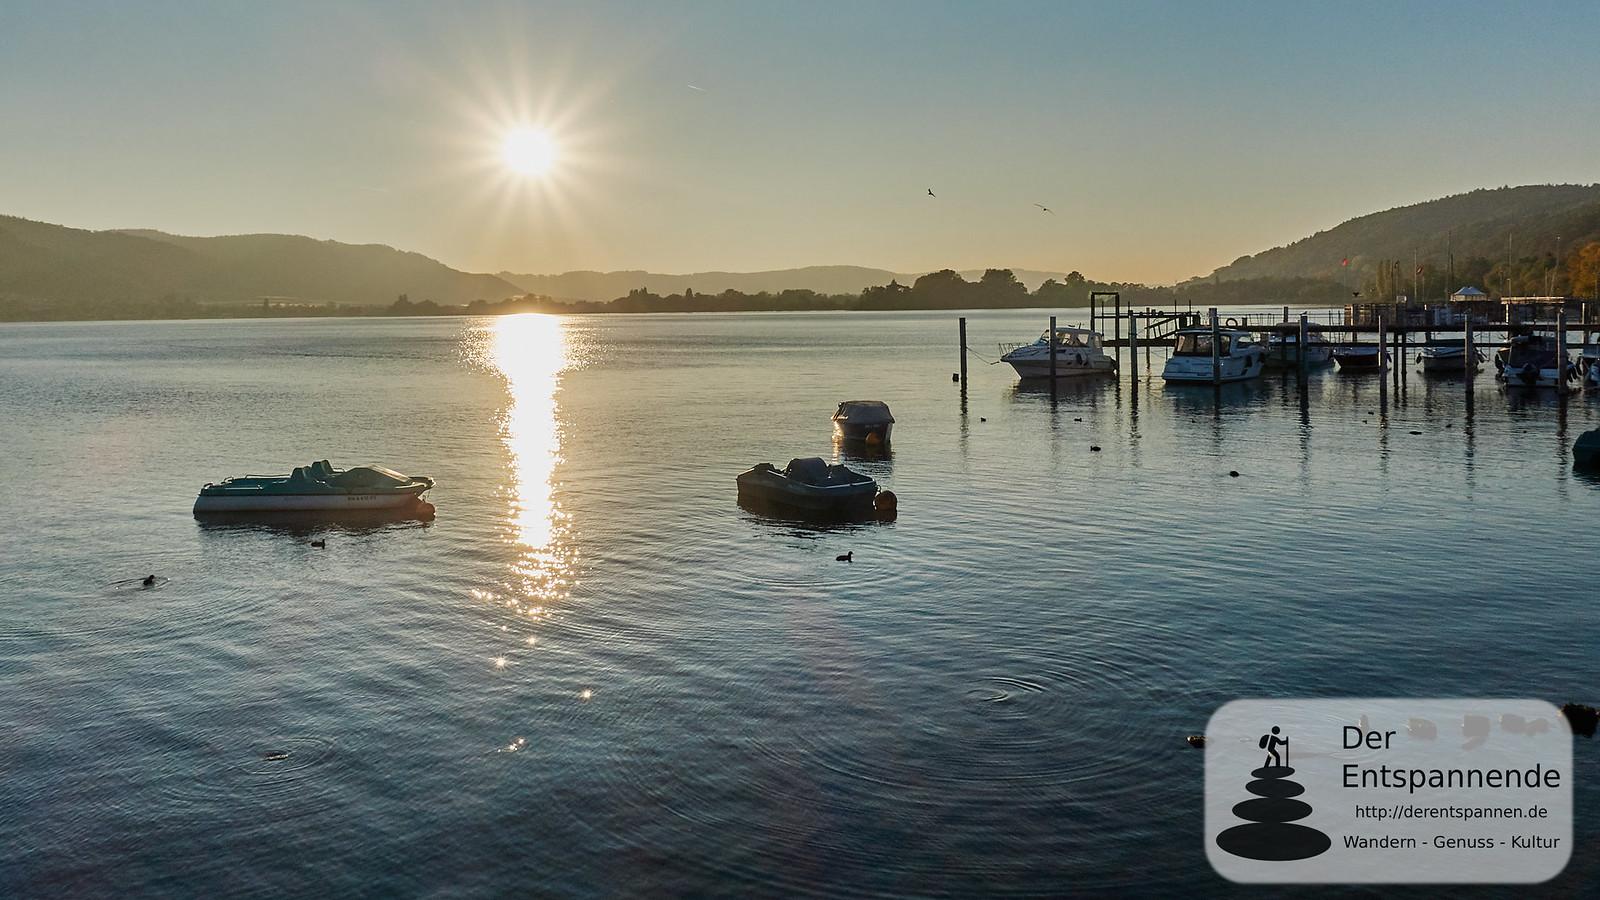 Sonnenuntergang im Hafen von Ludwigshafen